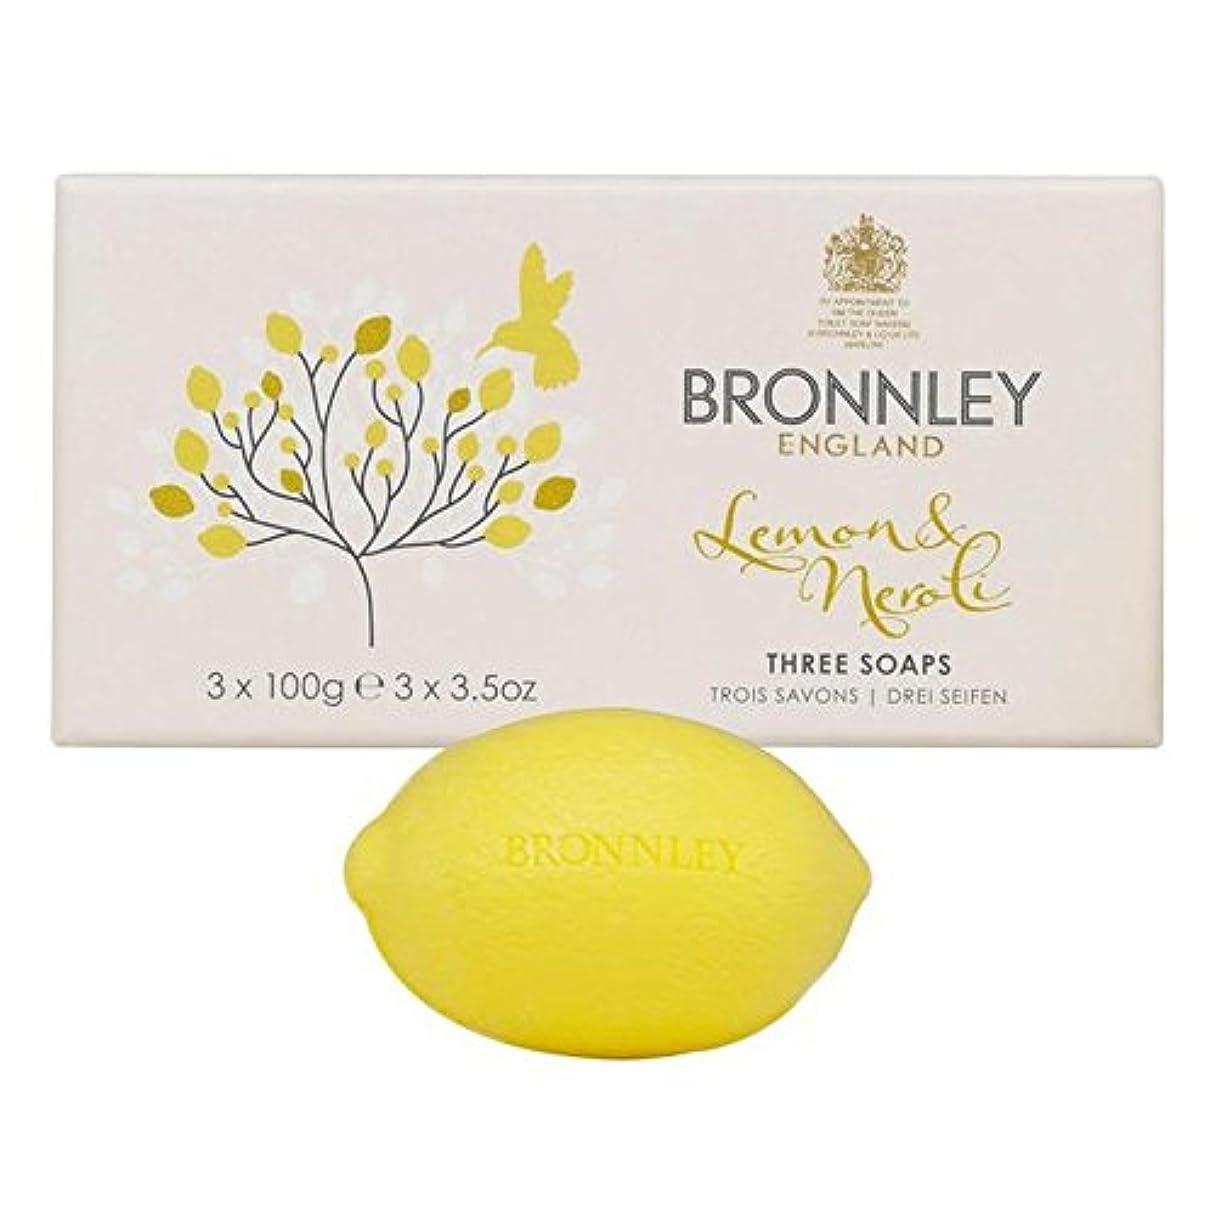 促す雪鋭くBronnley Lemon & Neroli Soaps 3 x 100g - レモン&ネロリ石鹸3×100グラム [並行輸入品]